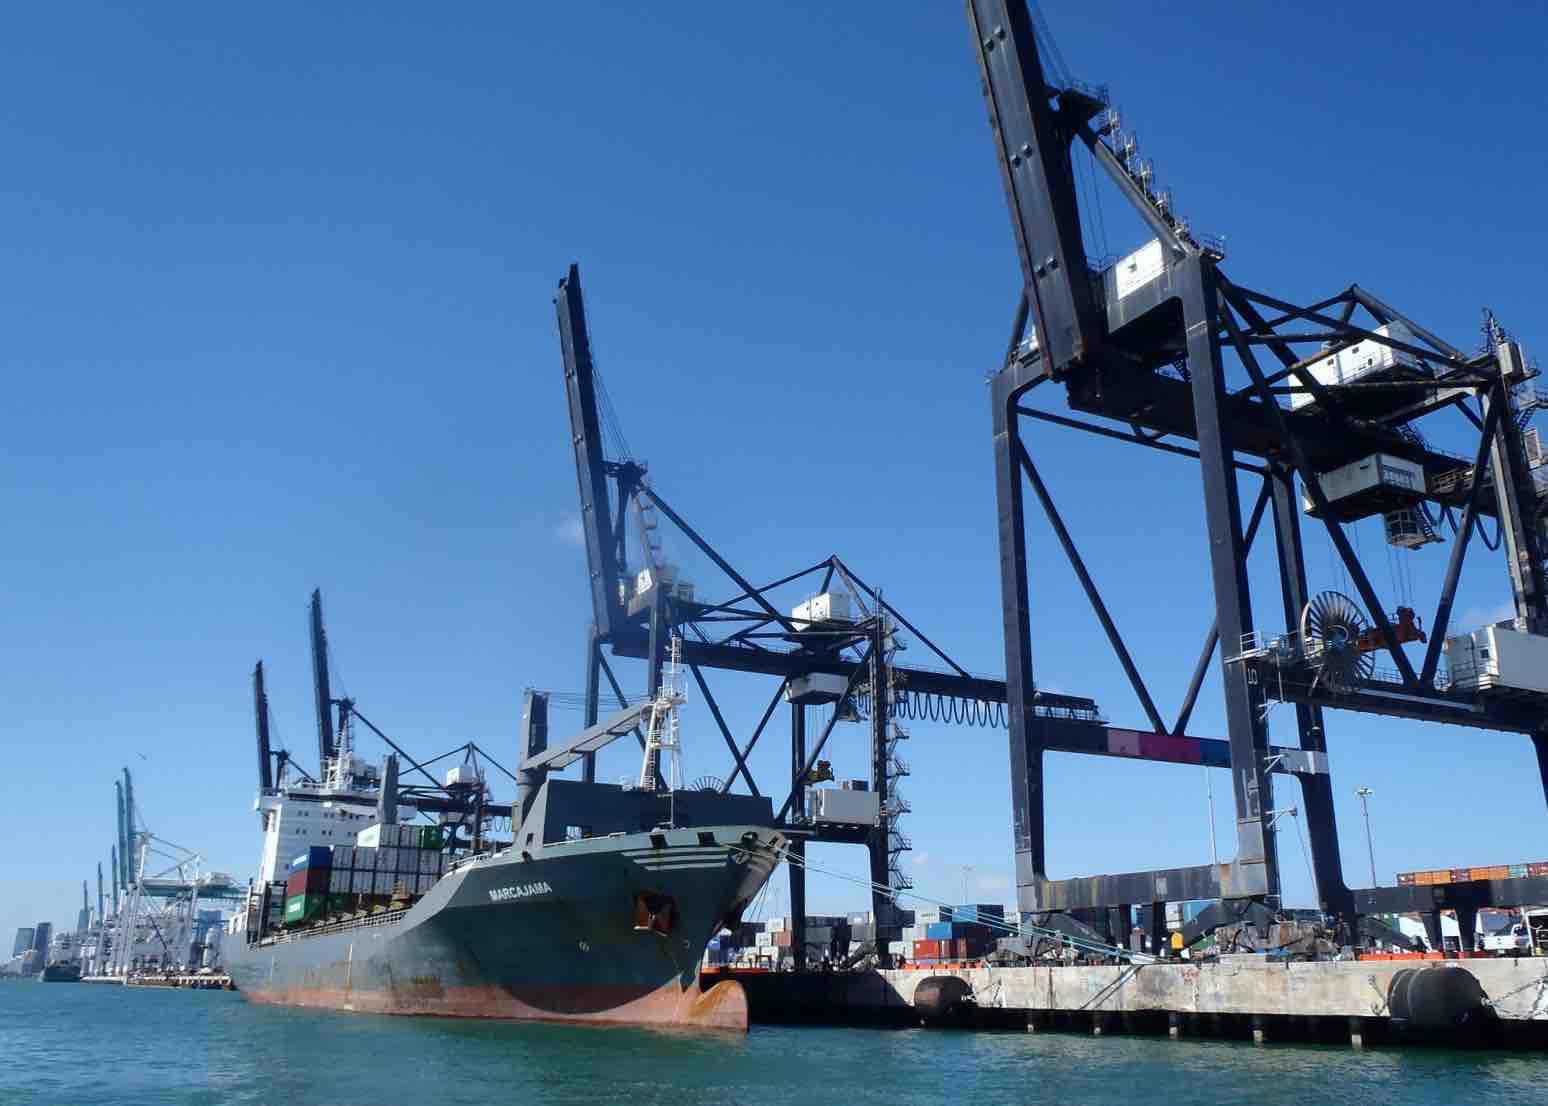 US east coast ports enjoy stellar 2015 at 7.9 million laden TEU, up 12.6pc